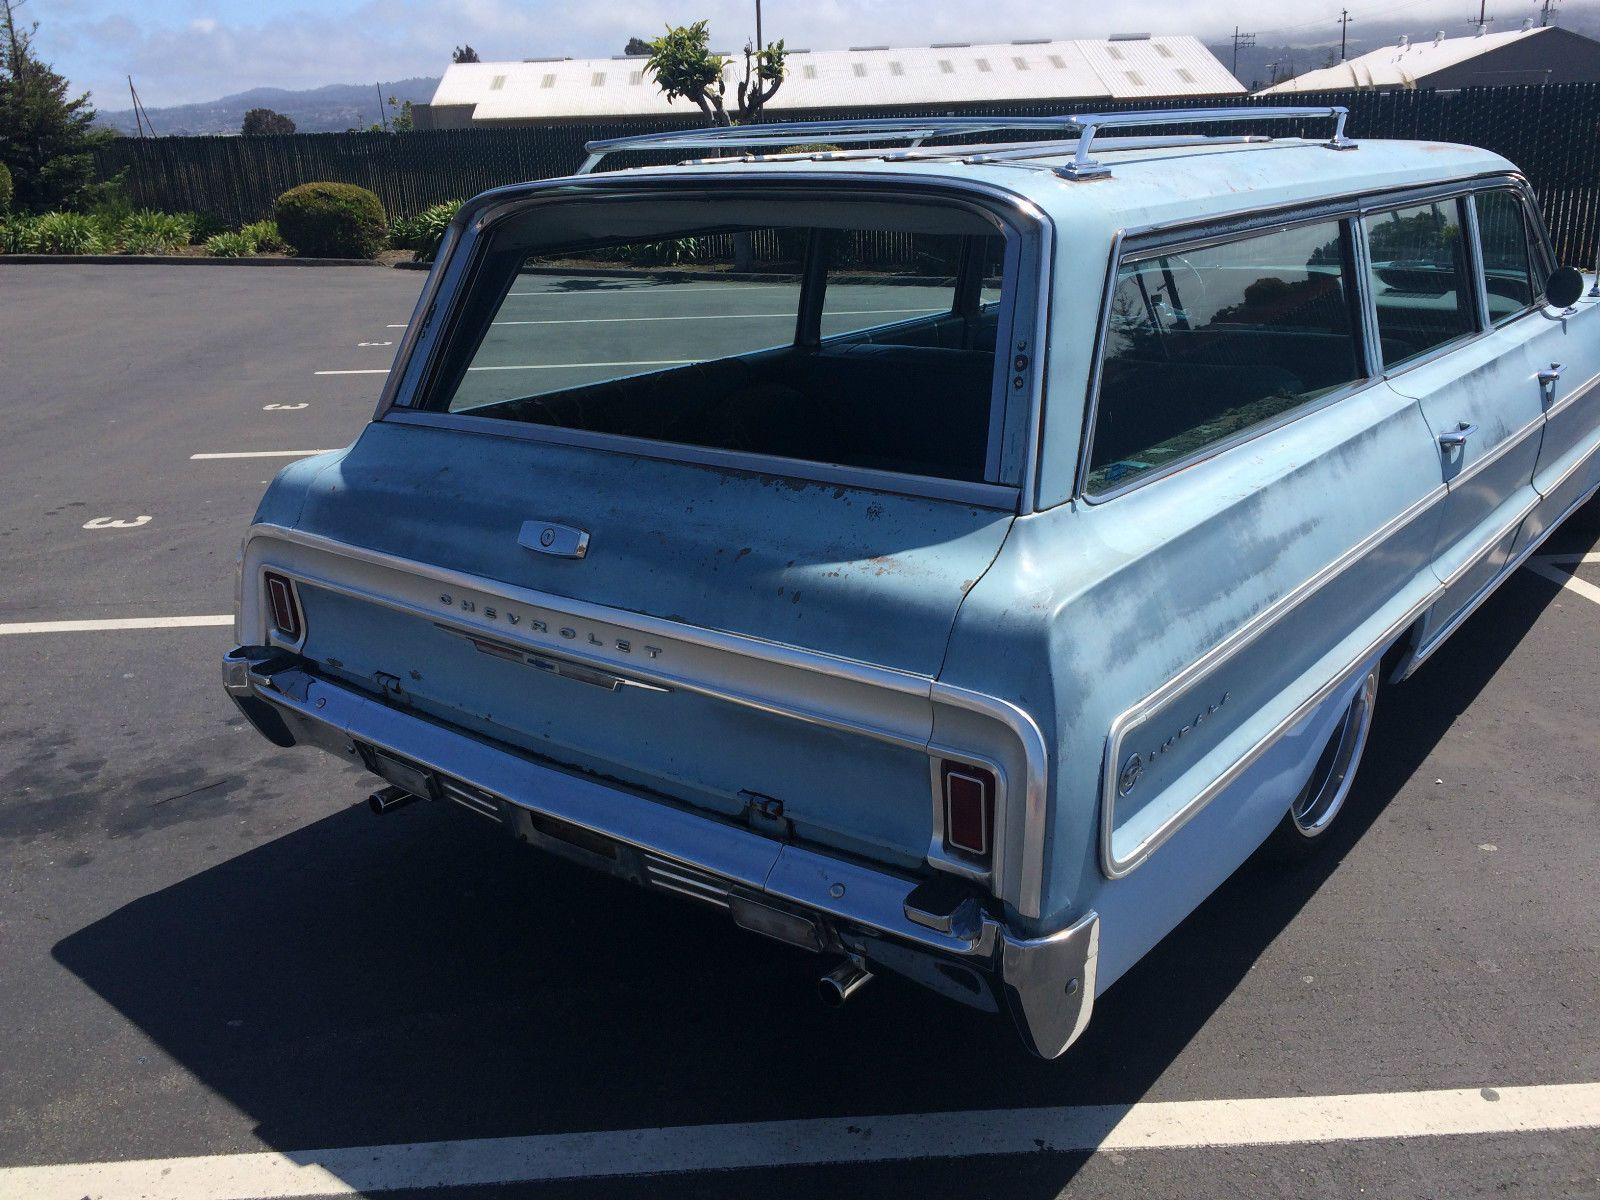 64 Chevy Impala Station Wagon Impala Chevrolet Impala Chevrolet